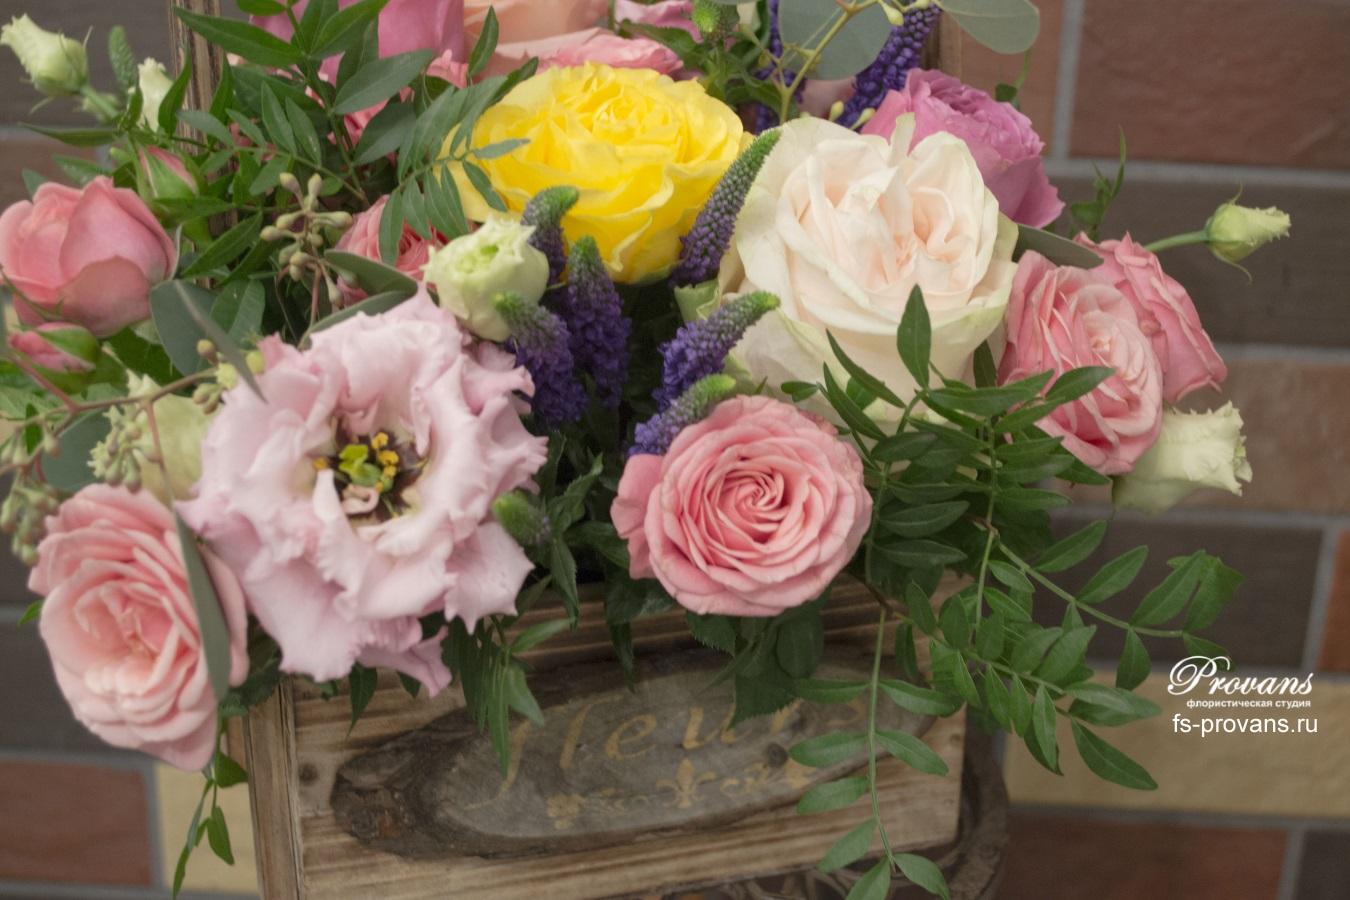 Цветы в кашпо. Пионовидные розы, эустома